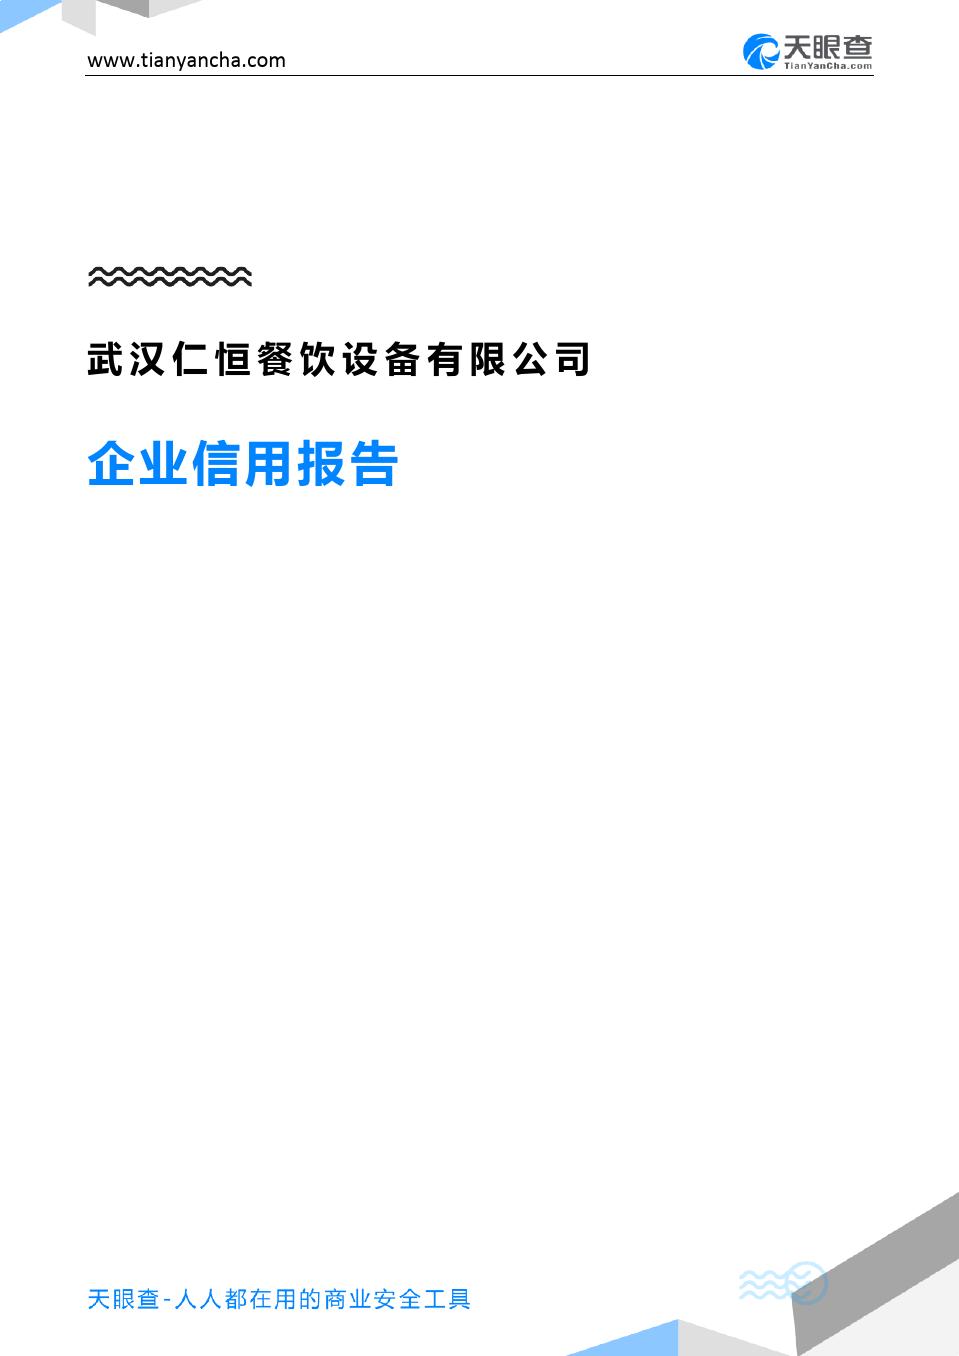 武汉仁恒餐饮设备有限公司(企业信用报告)- 天眼查